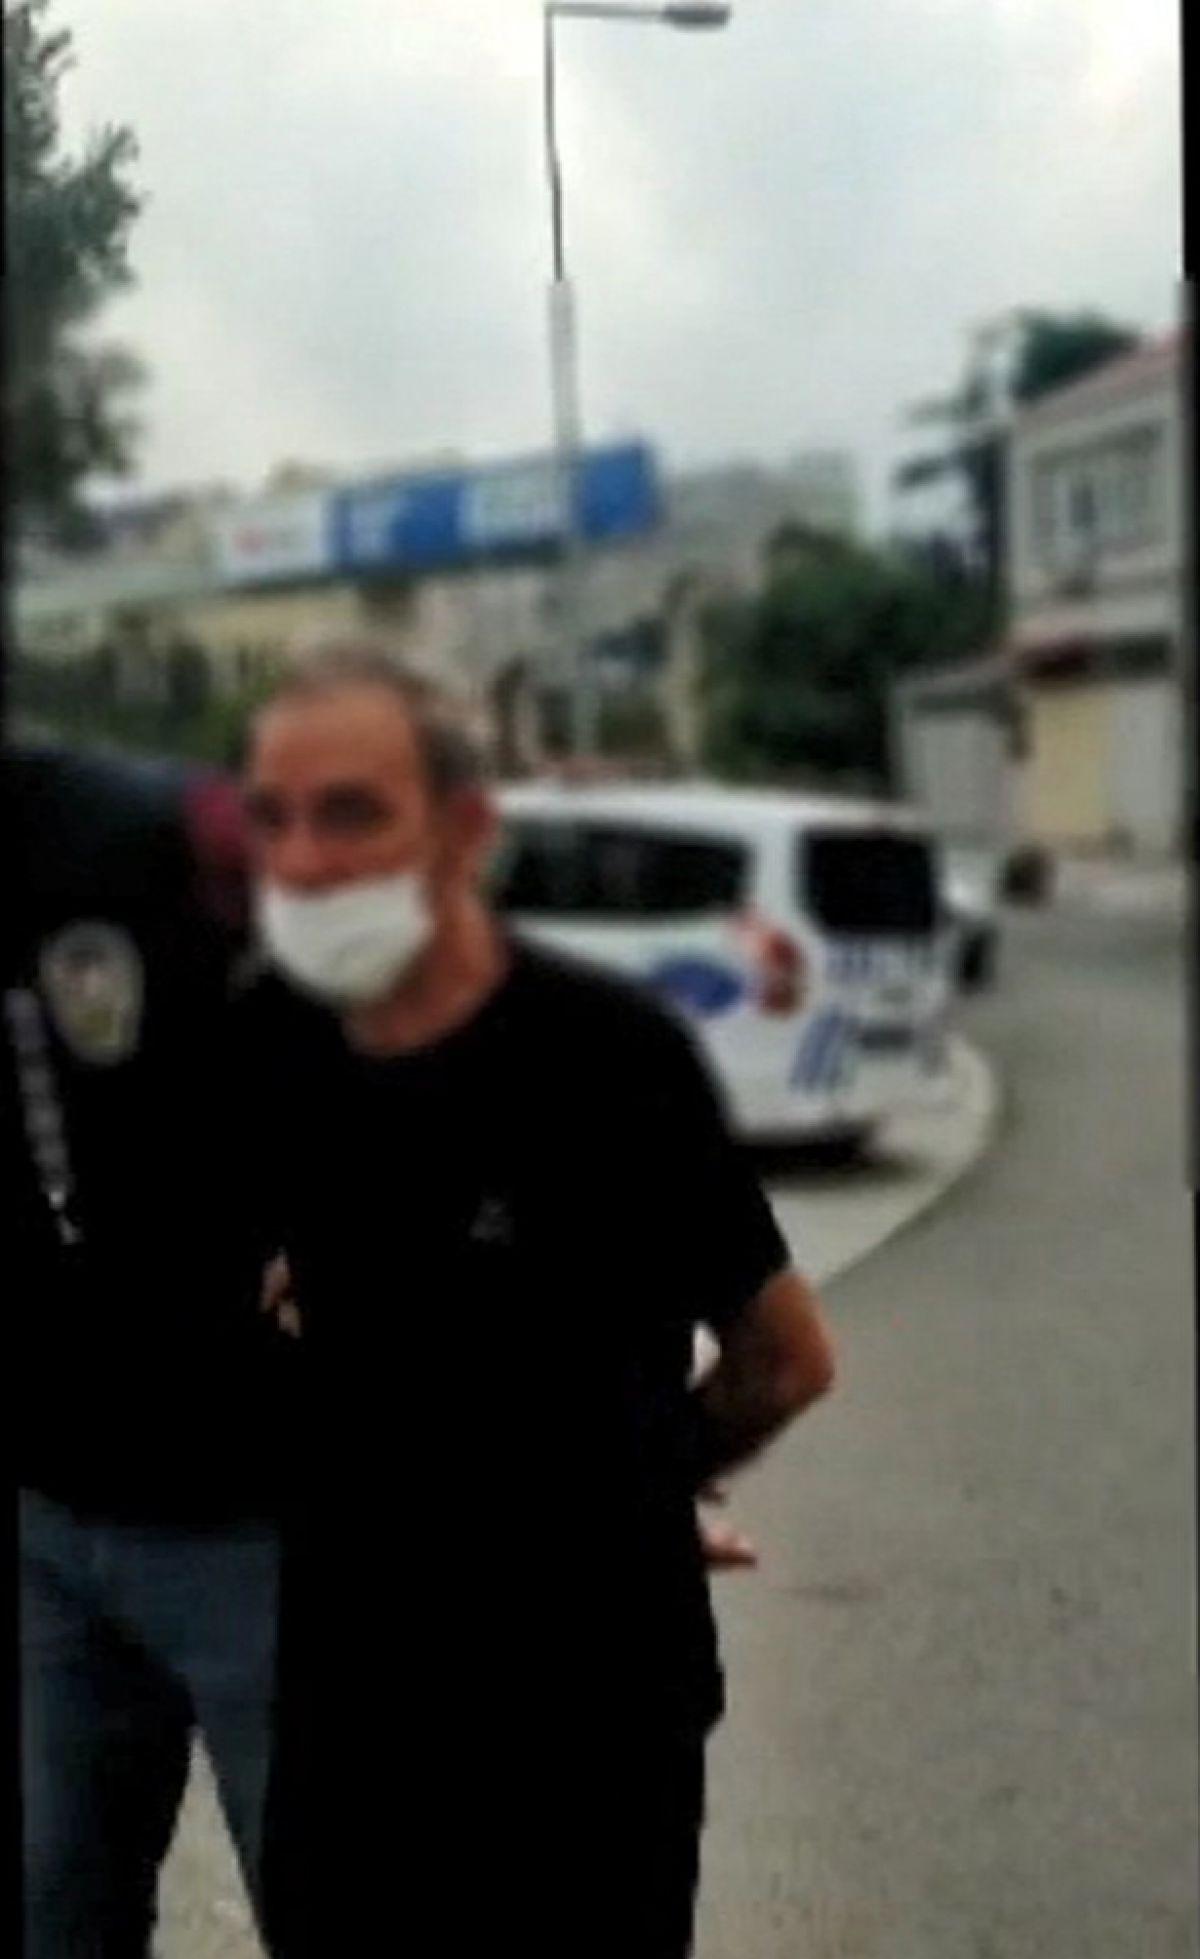 İstanbul da cezaları kesinleşen 45 kişi hapse gönderildi #1